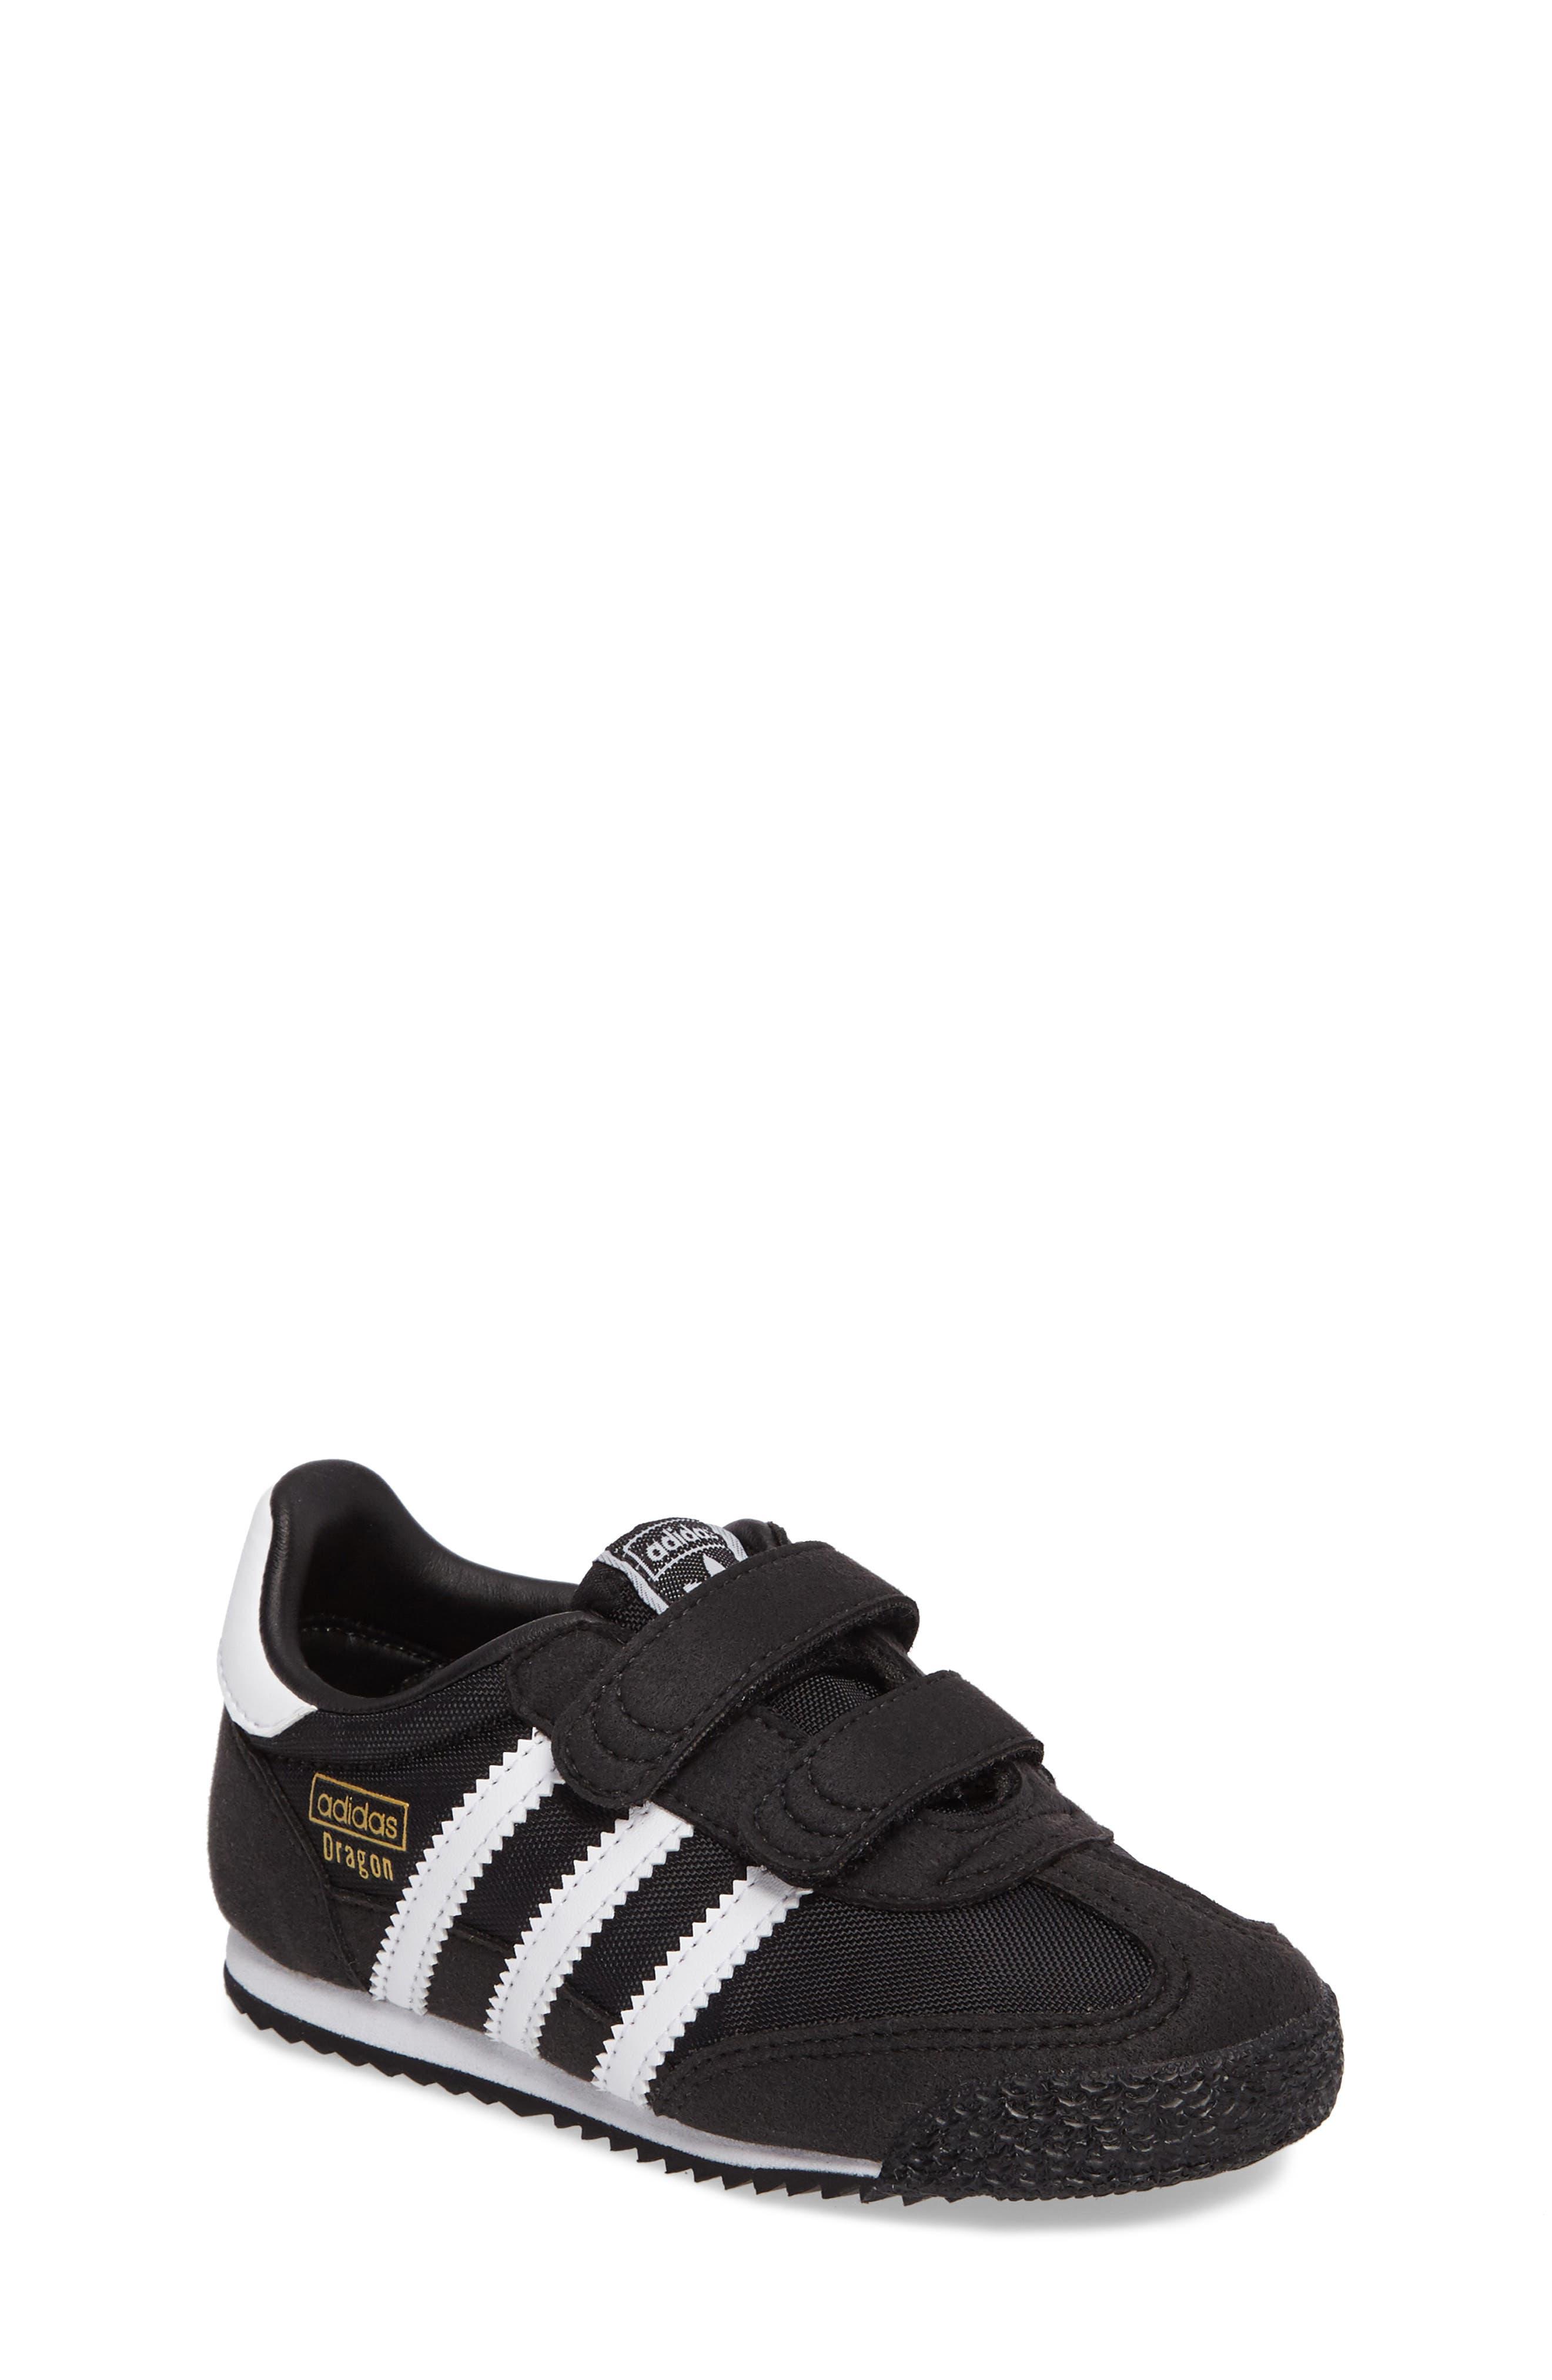 adidas Dragon OG CF Athletic Shoe (Baby, Walker & Toddler)